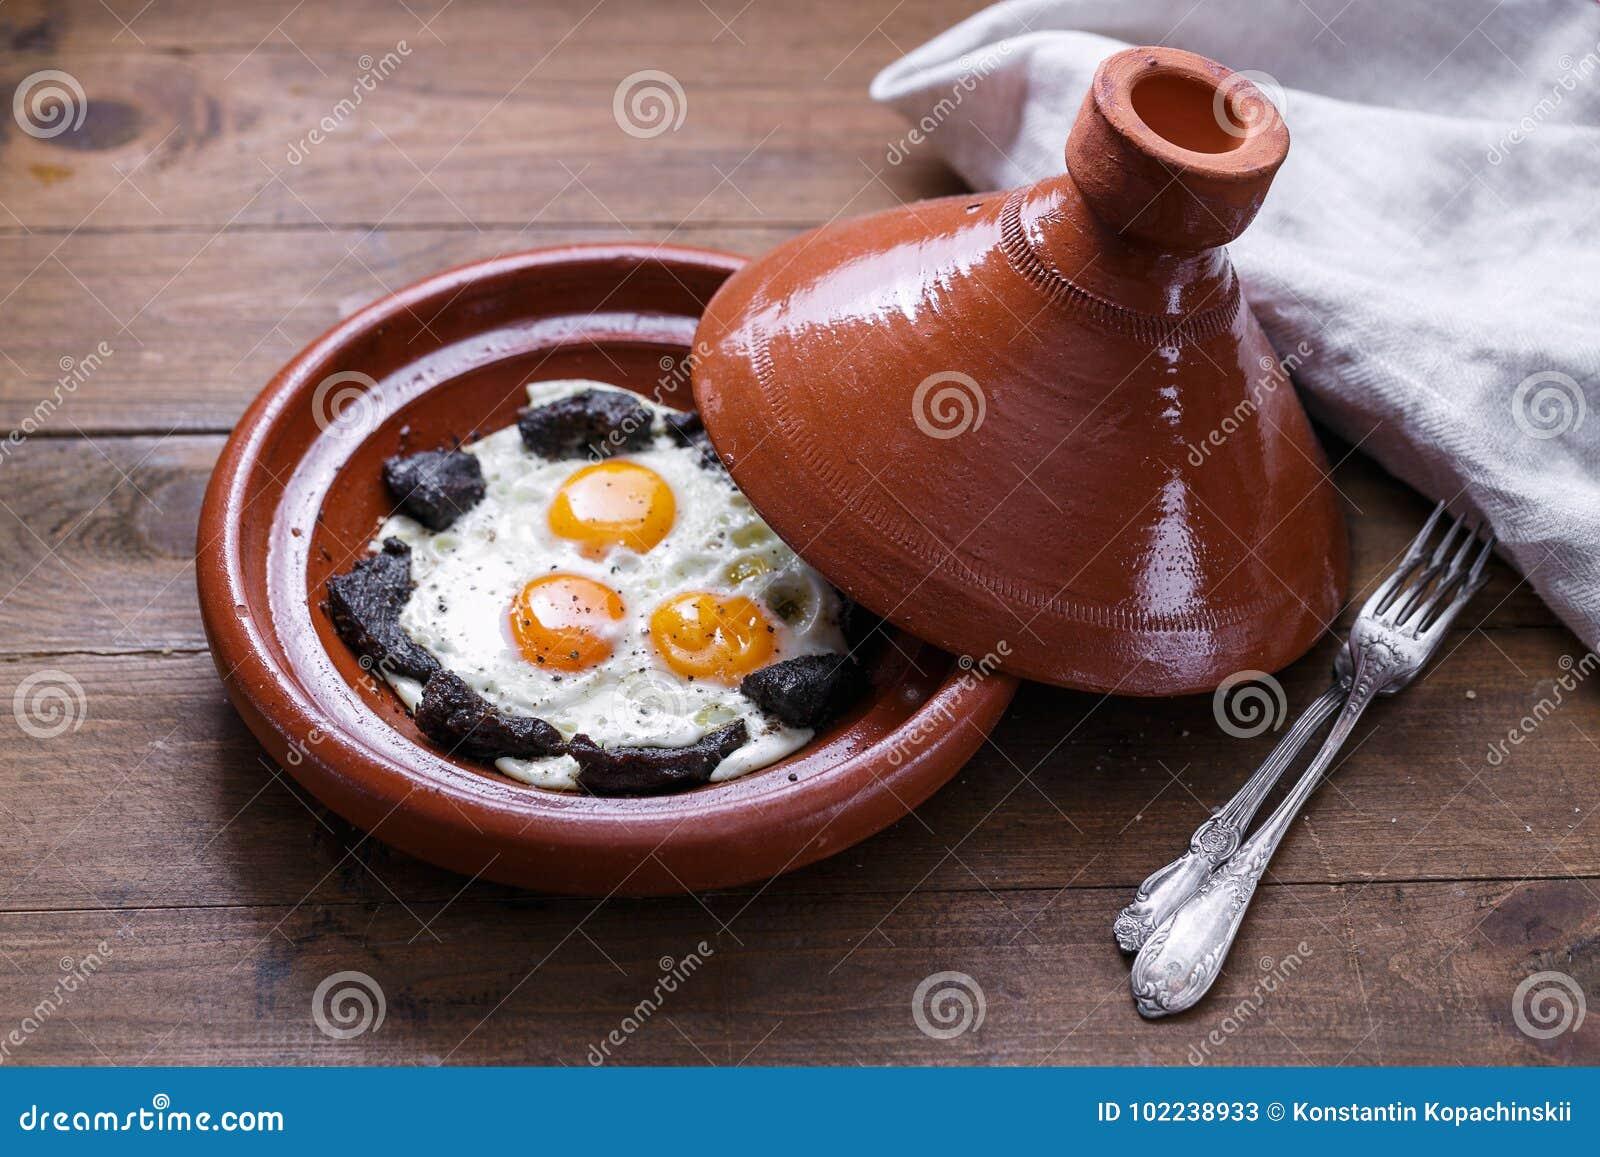 Zamknięty widok smażąca wołowina w tajine naczyniu i jajko, tradycyjny Marokański naczynie